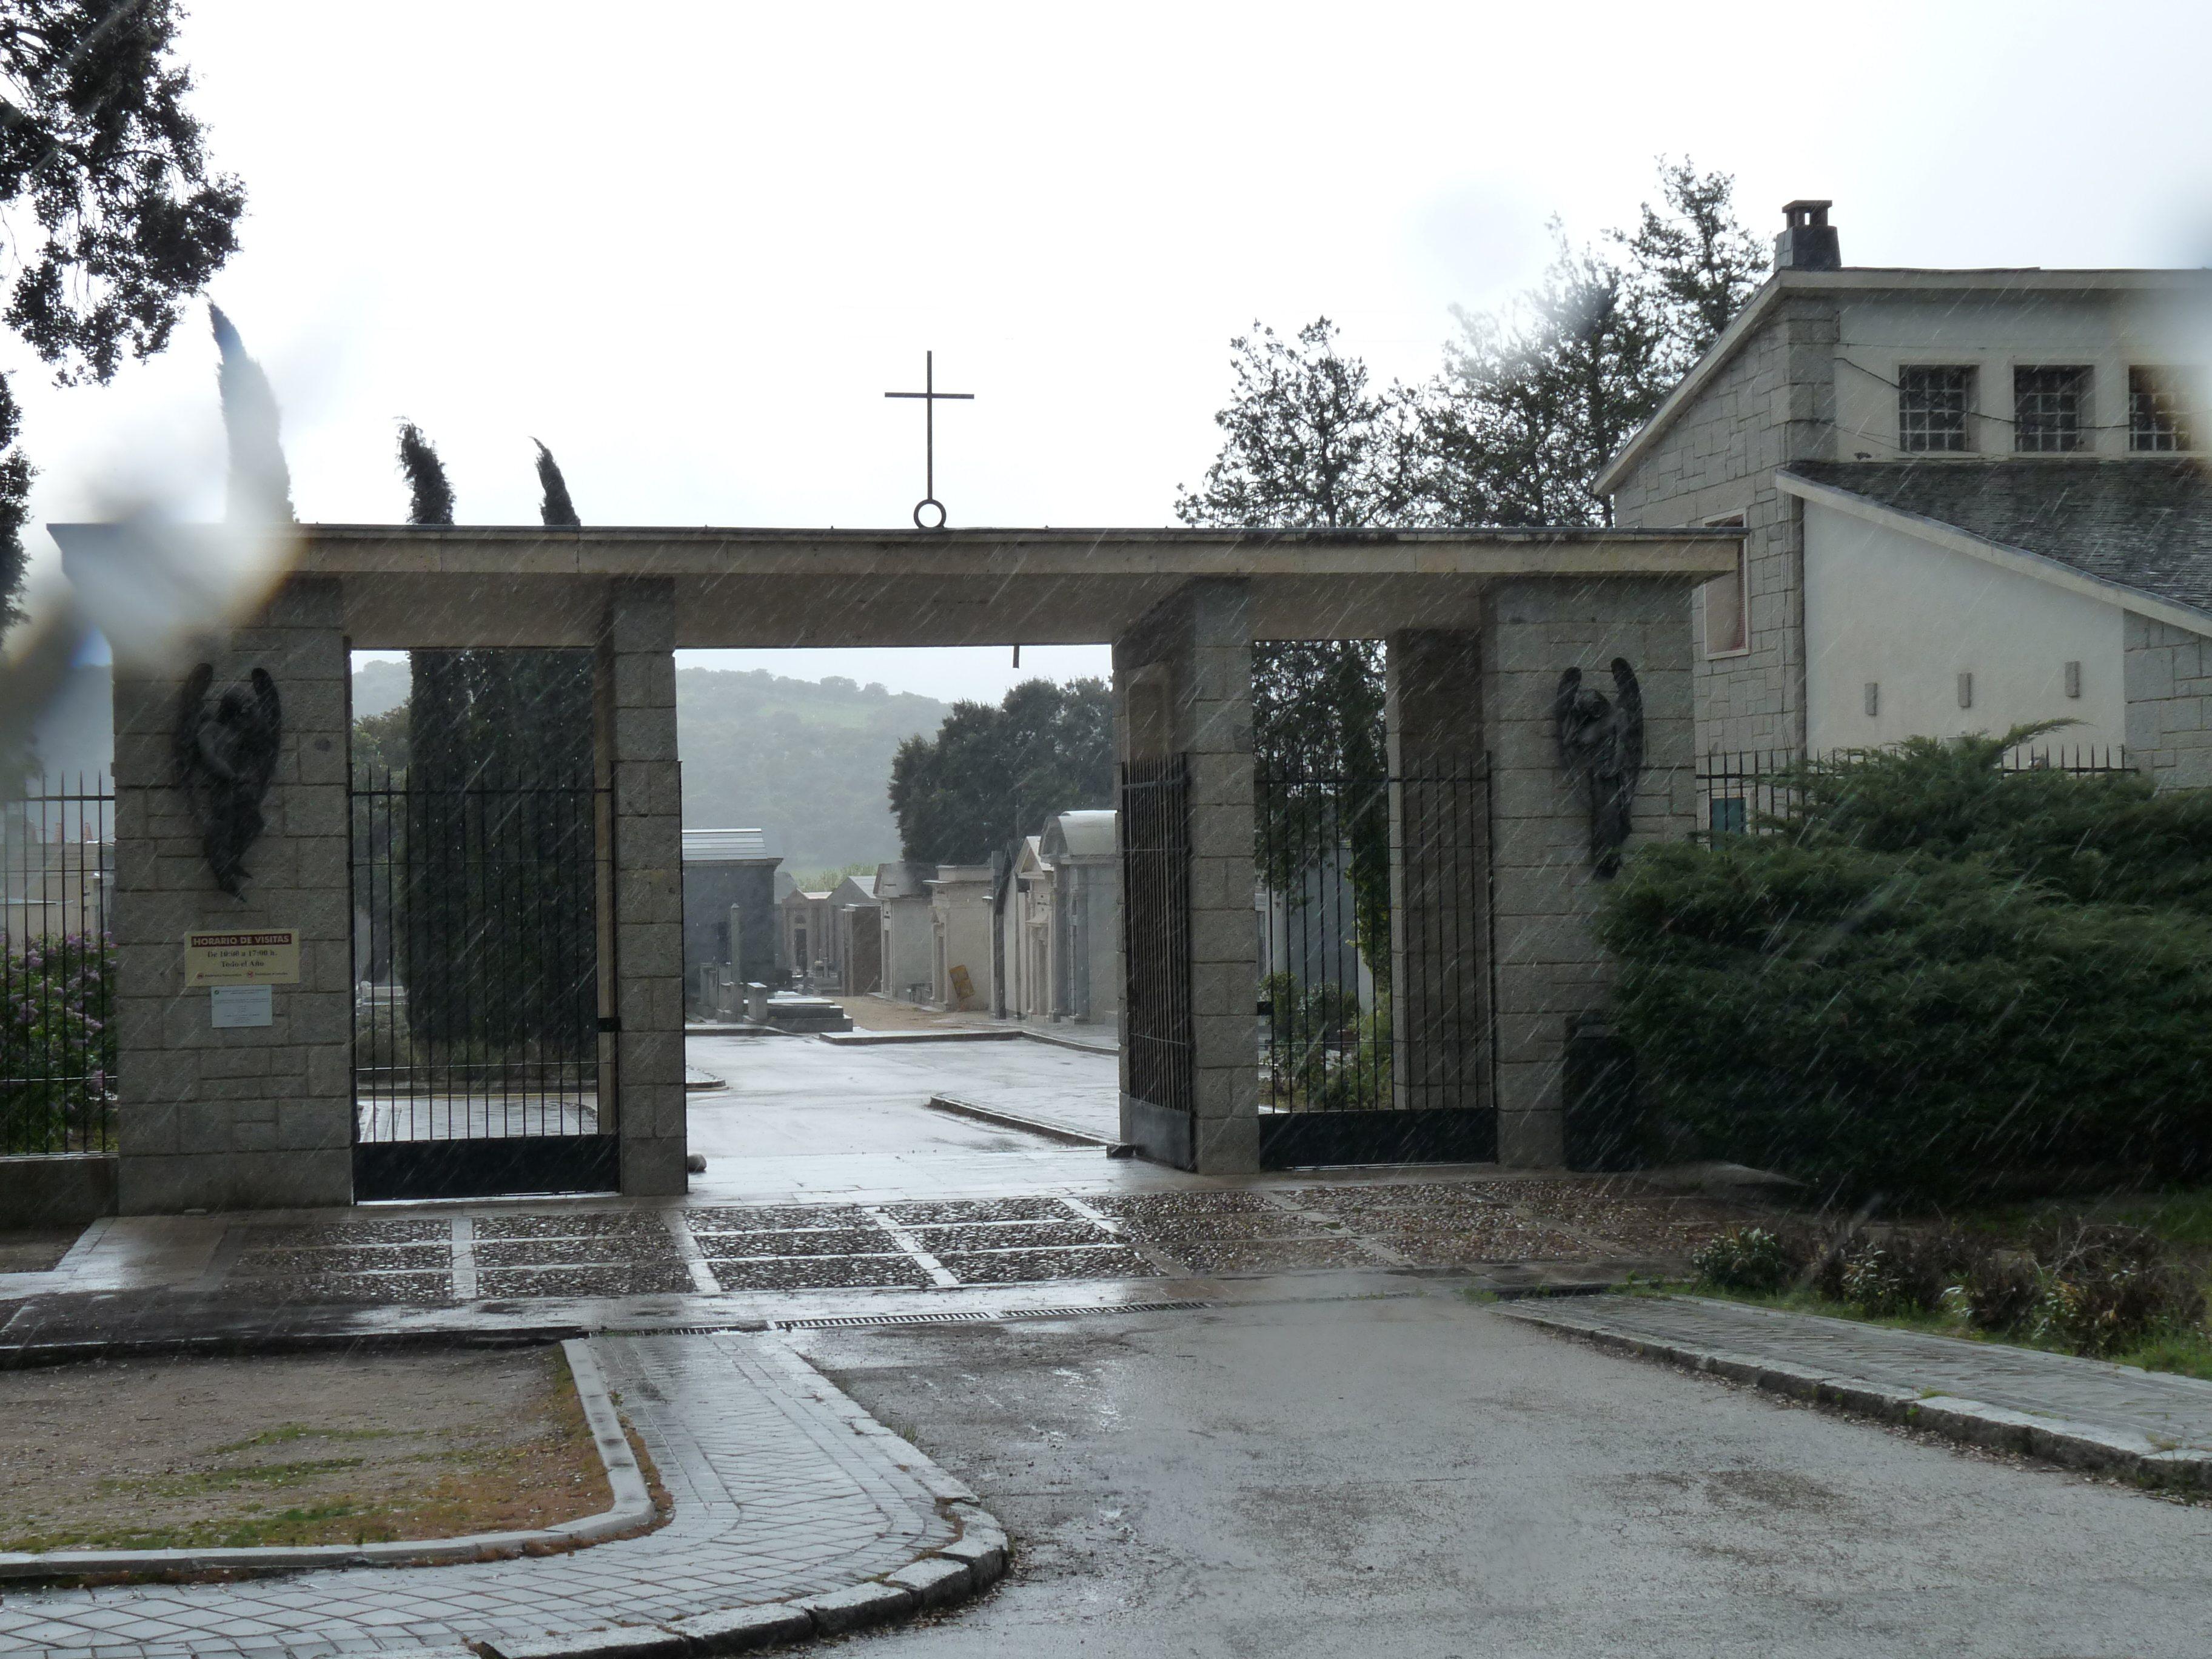 El cementerio de Mingorrubio en El Pardo (Madrid) alberga los restos de Francisco Franco, su mujer, su hija y otros dictadores del siglo XX | CC Alkarrier